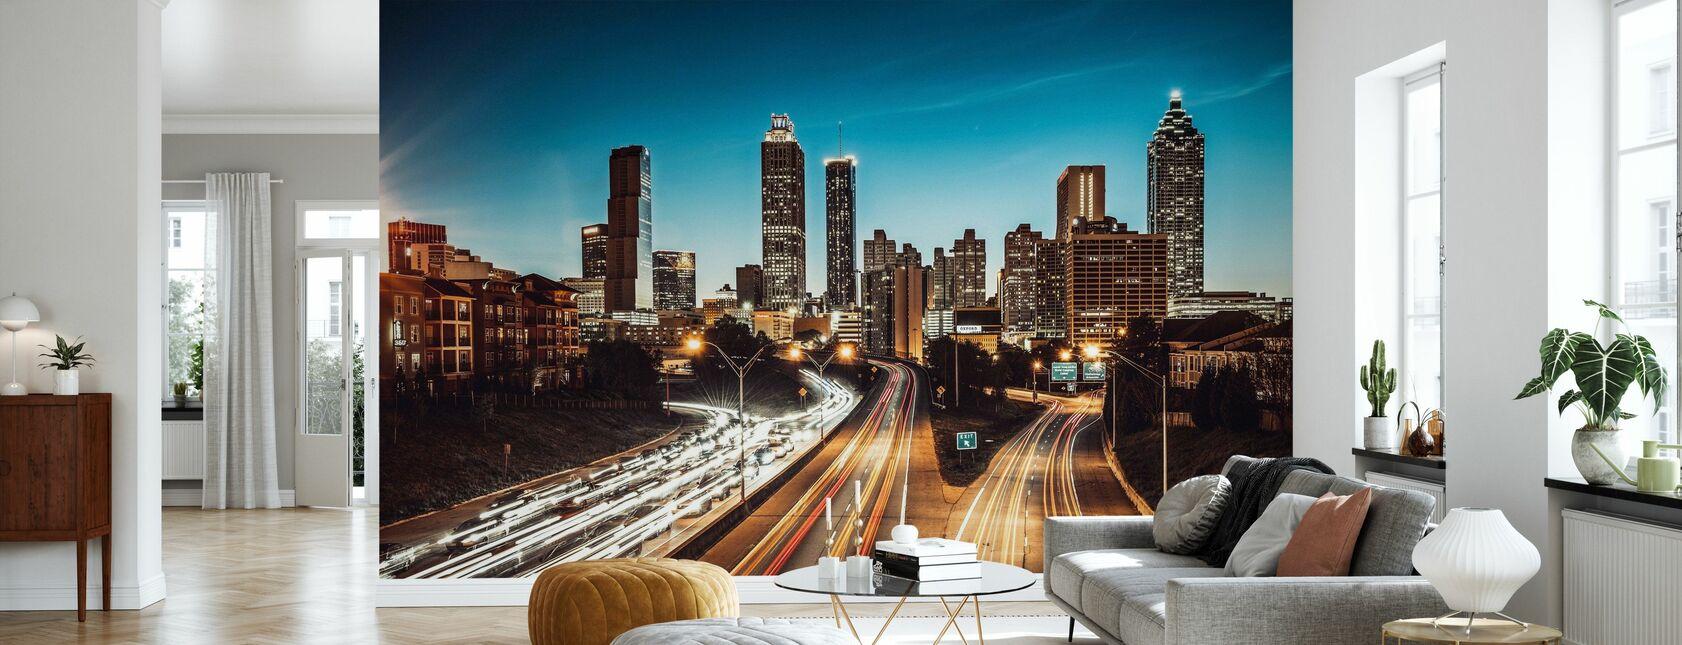 Atlanta Skyline at Dusk - Wallpaper - Living Room